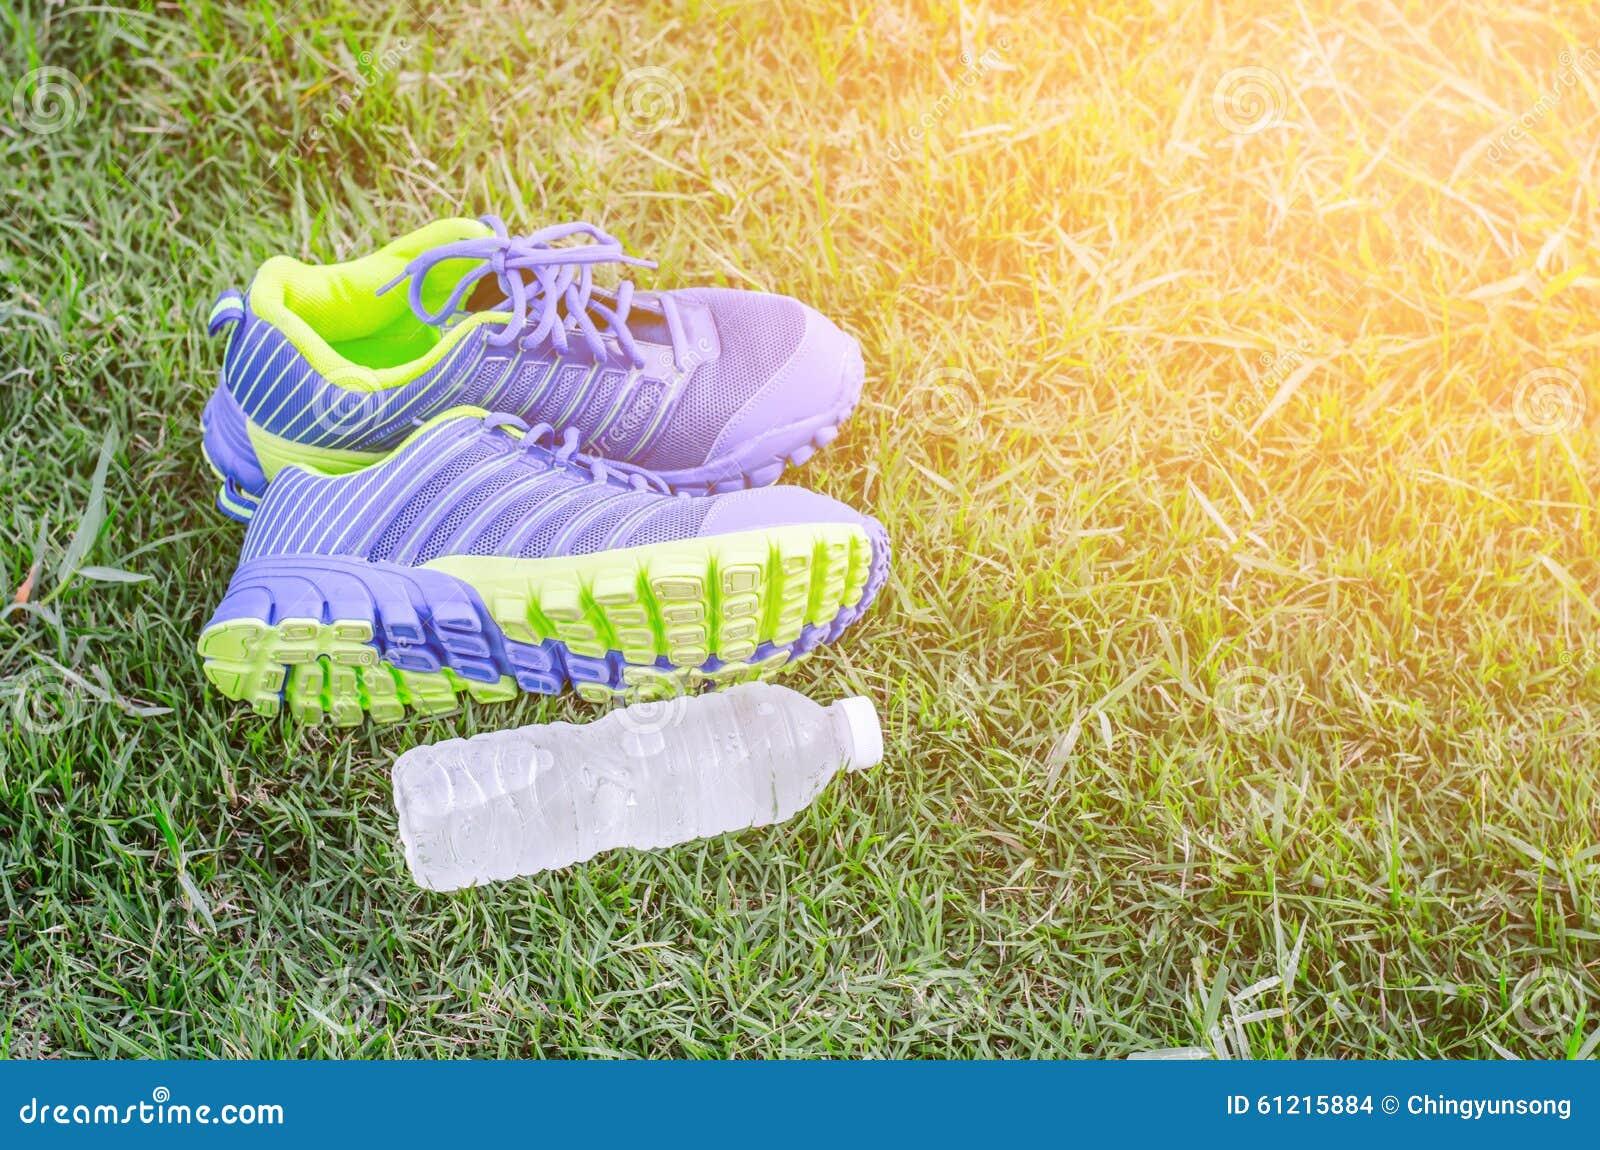 grade saver green grass running water